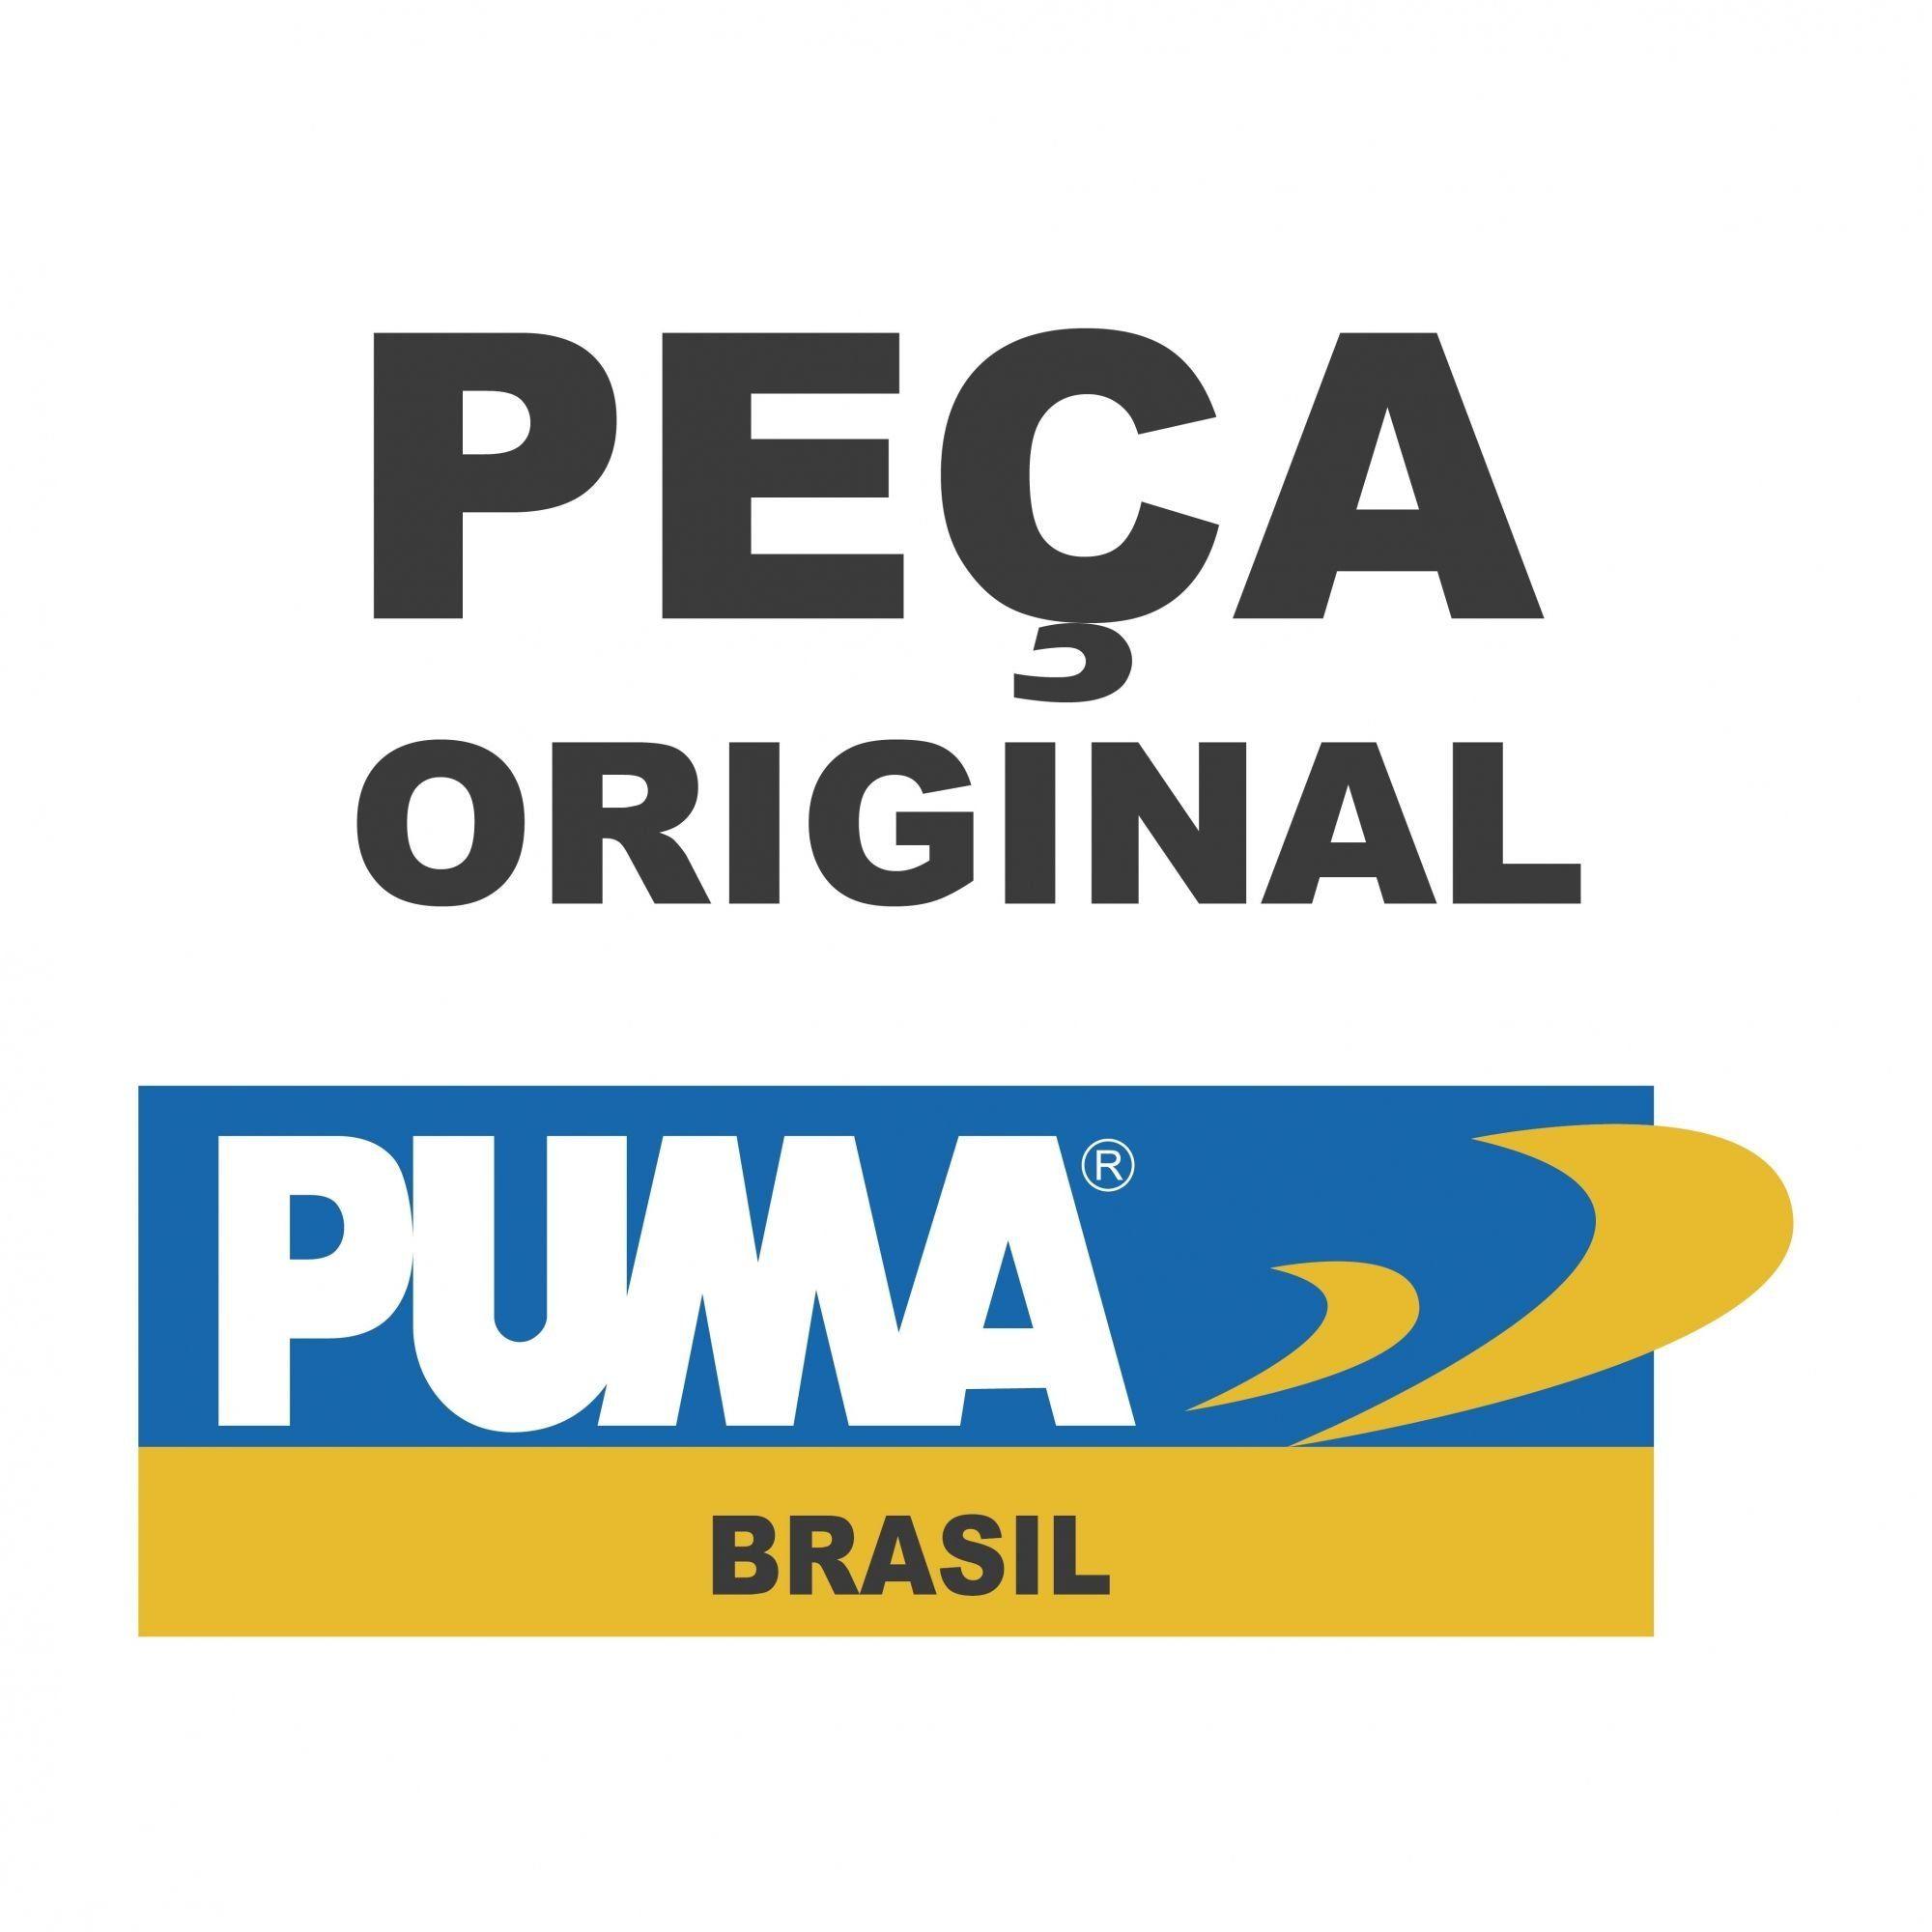 AGULHA DO FLUIDO 1.7 - PEÇA PNEUMÁTICA PUMA - S1005-16C